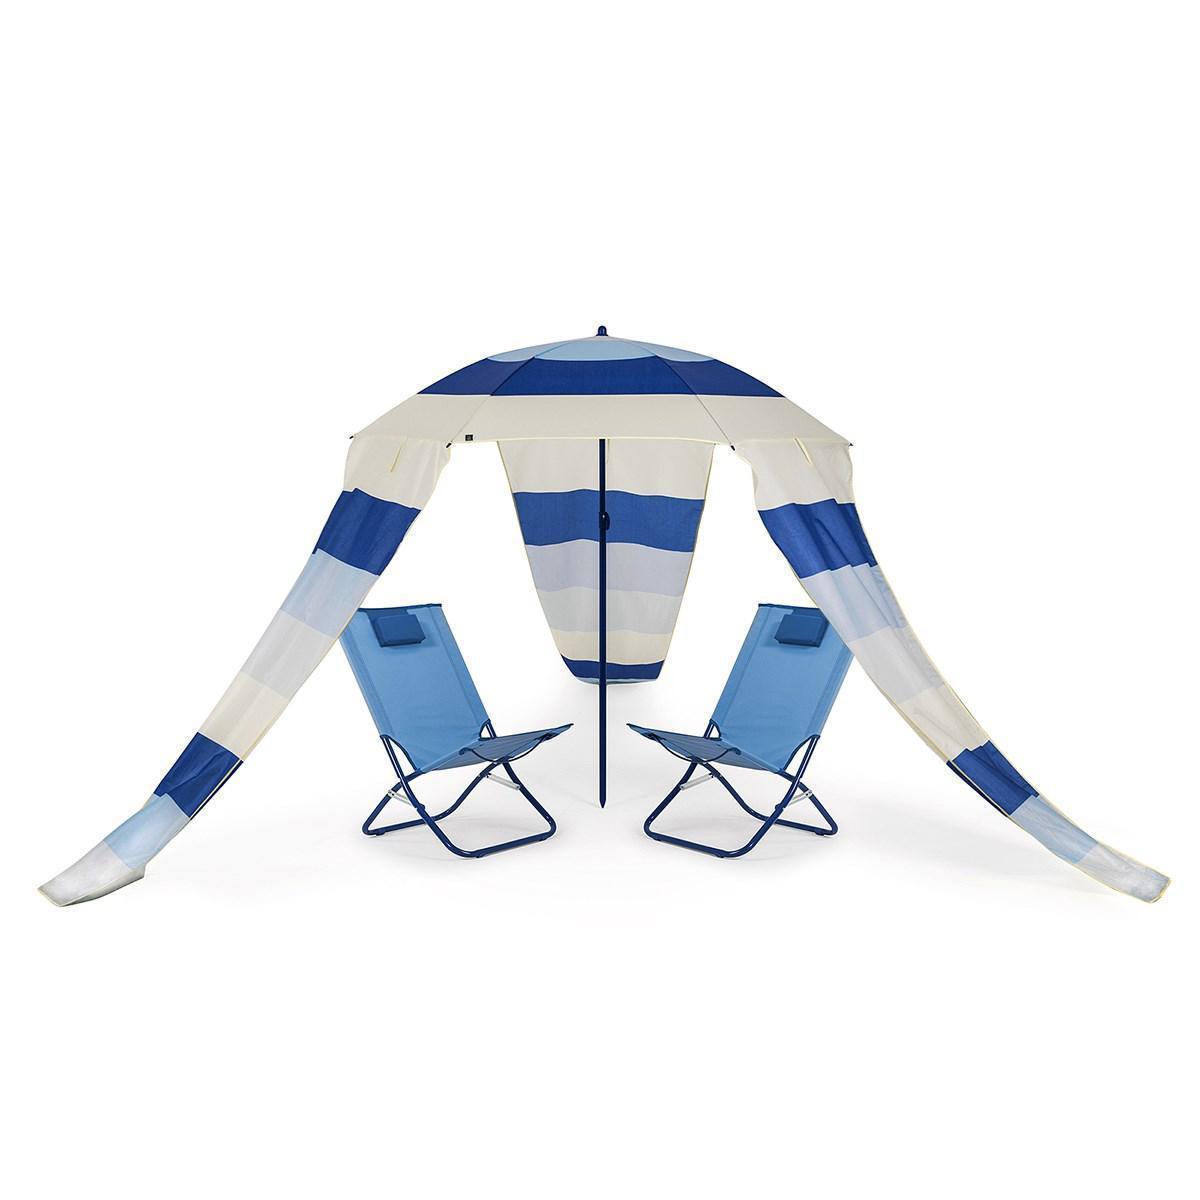 Пляжный набор зонт + стулья MAUI CIRCUS EXTRA